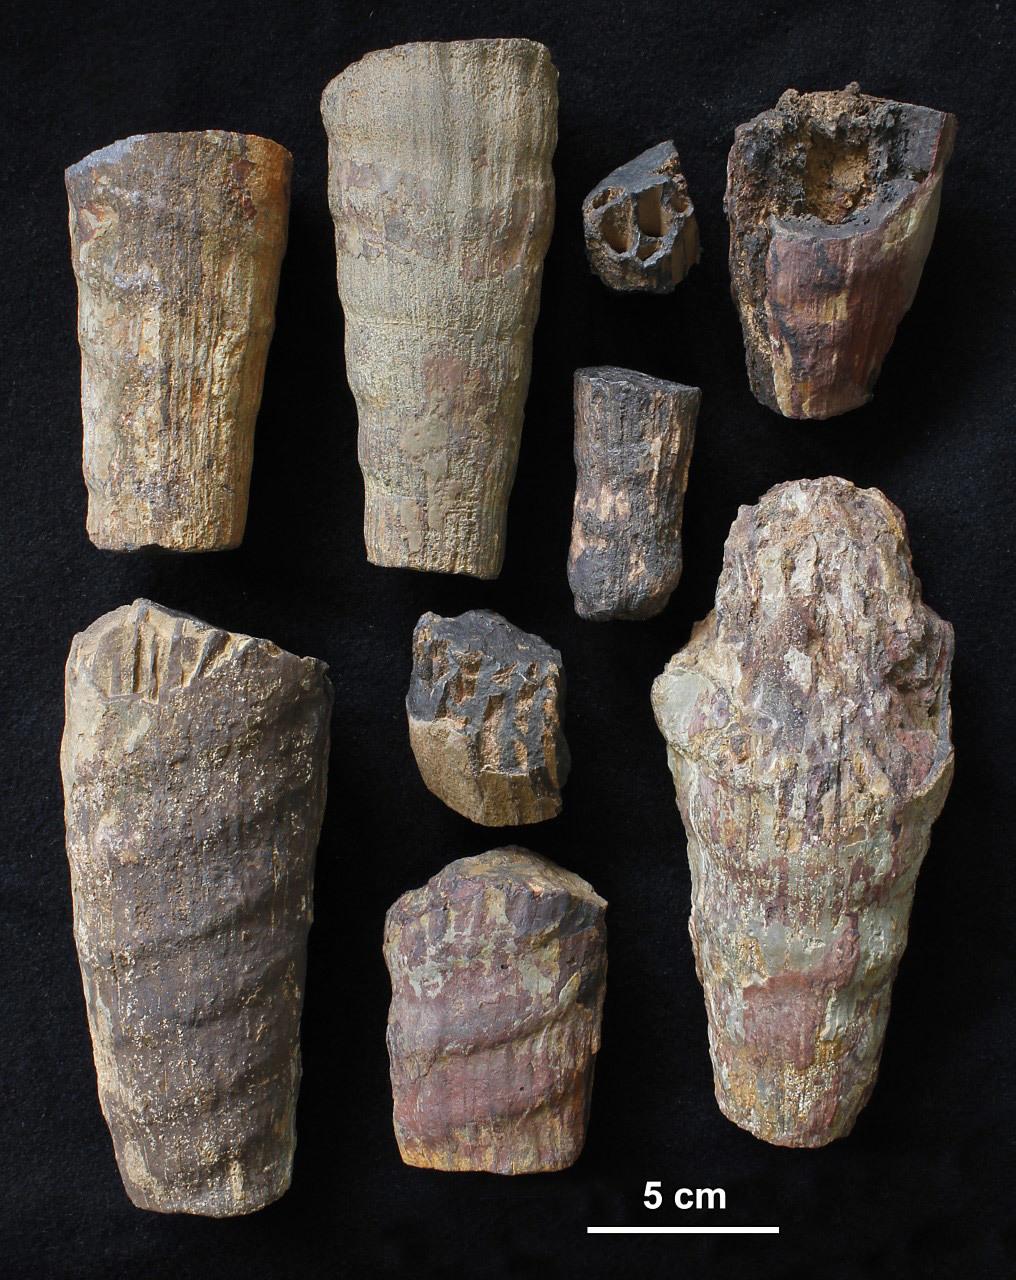 , Descubren un misterioso fósil marino de hace 465 millones de años